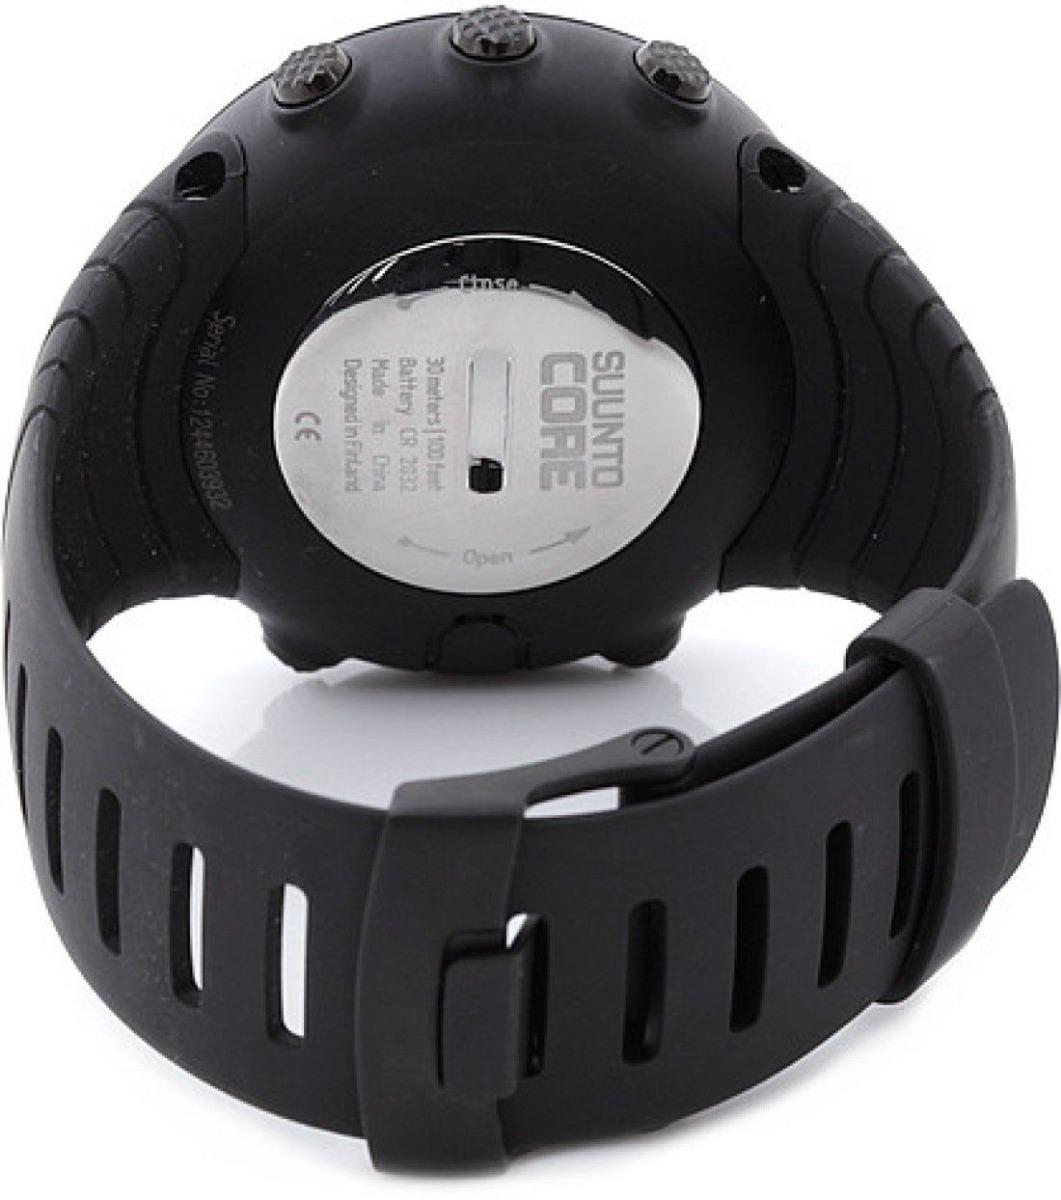 a1f94c0aa35 relógio suunto core all black military ss014279010 promocao. Carregando  zoom.